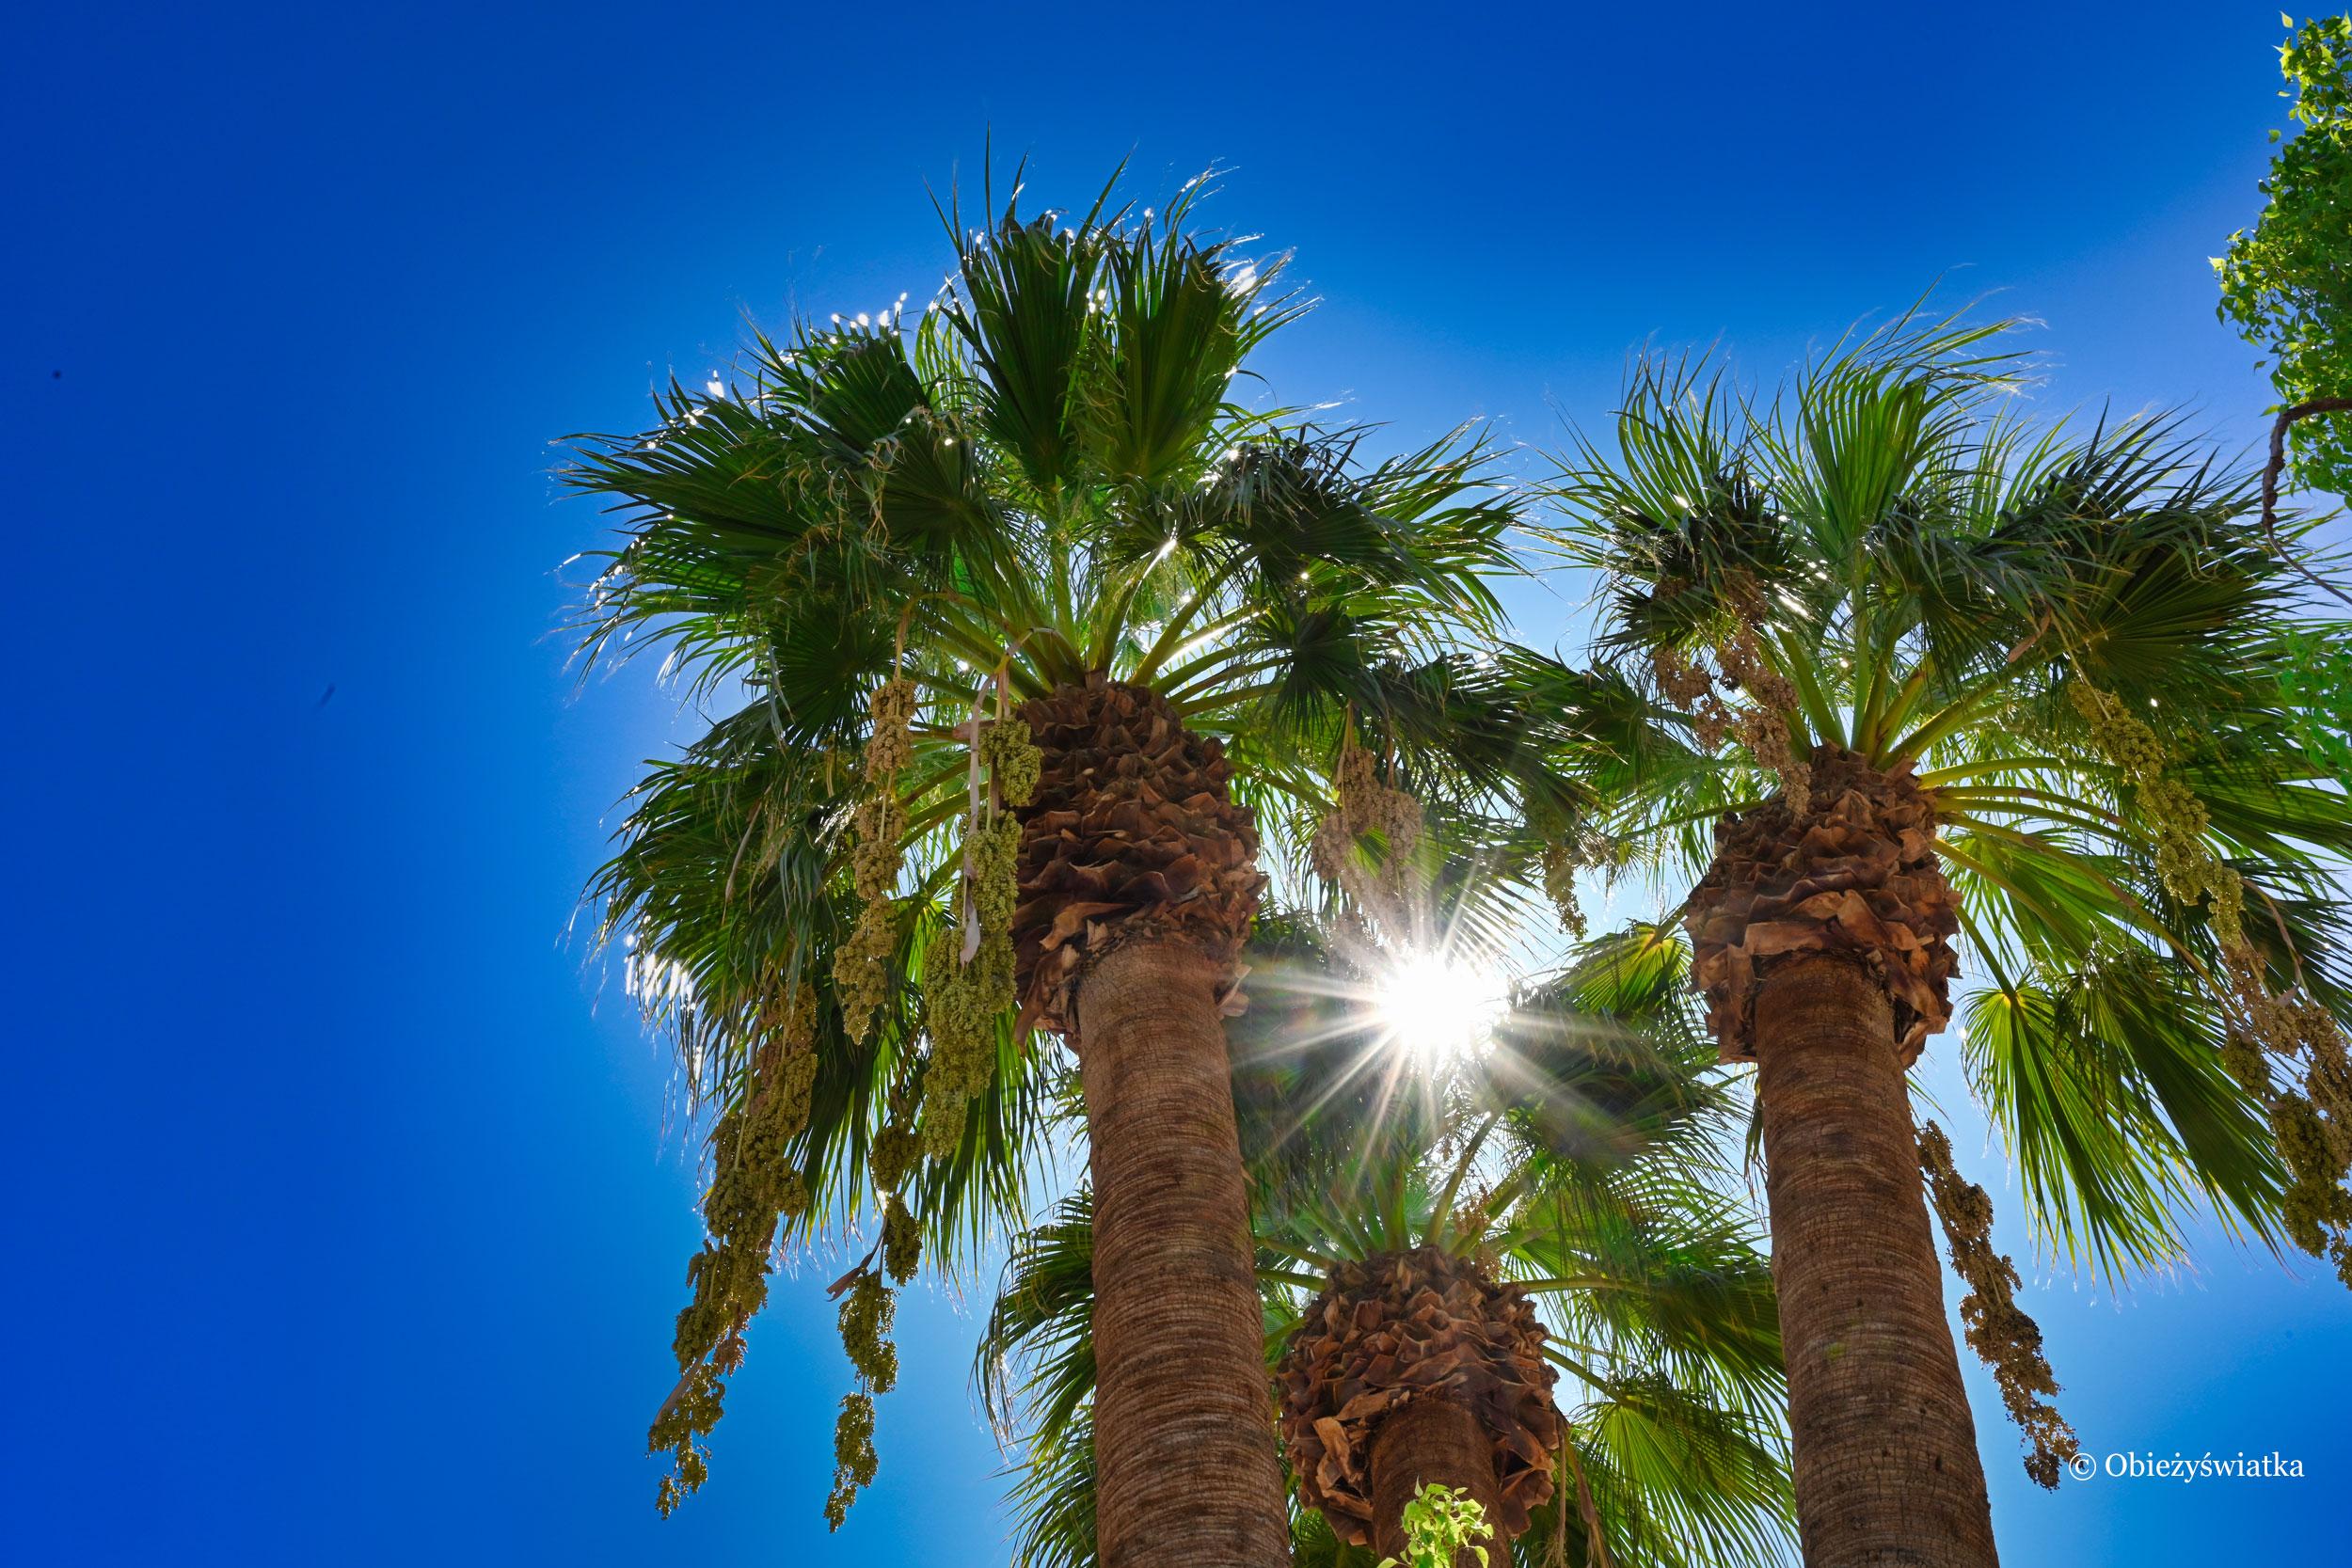 Jak z makatki - palmy i słońce, Borrego Springs, Kalifornia